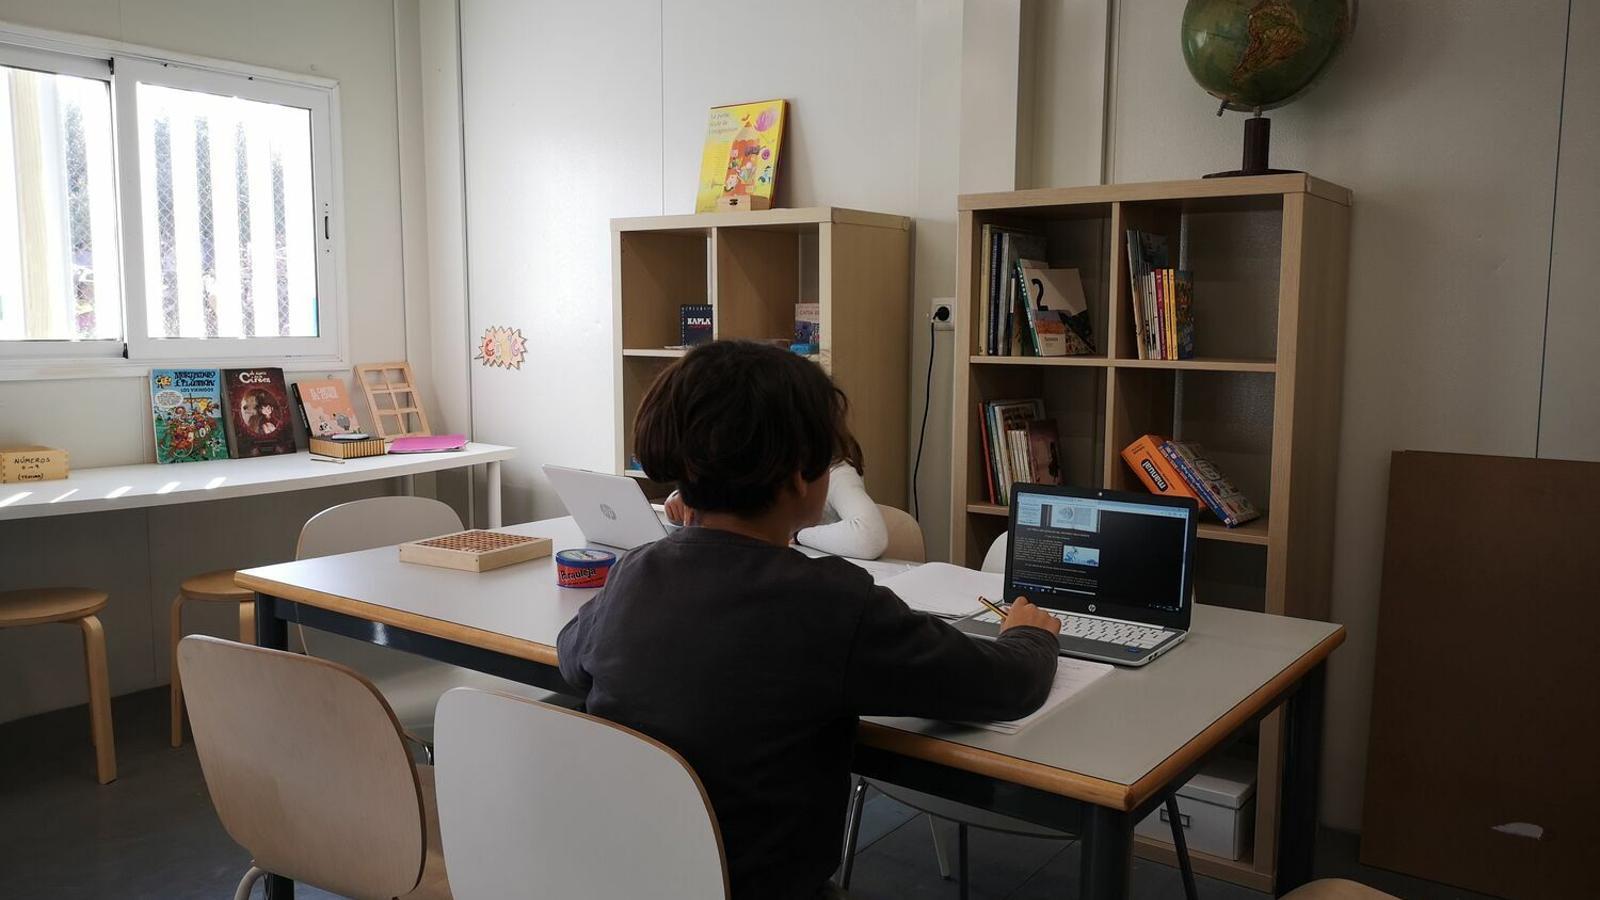 Educació està treballant amb la formació dels docents en les eines d'aprenentatge virtual